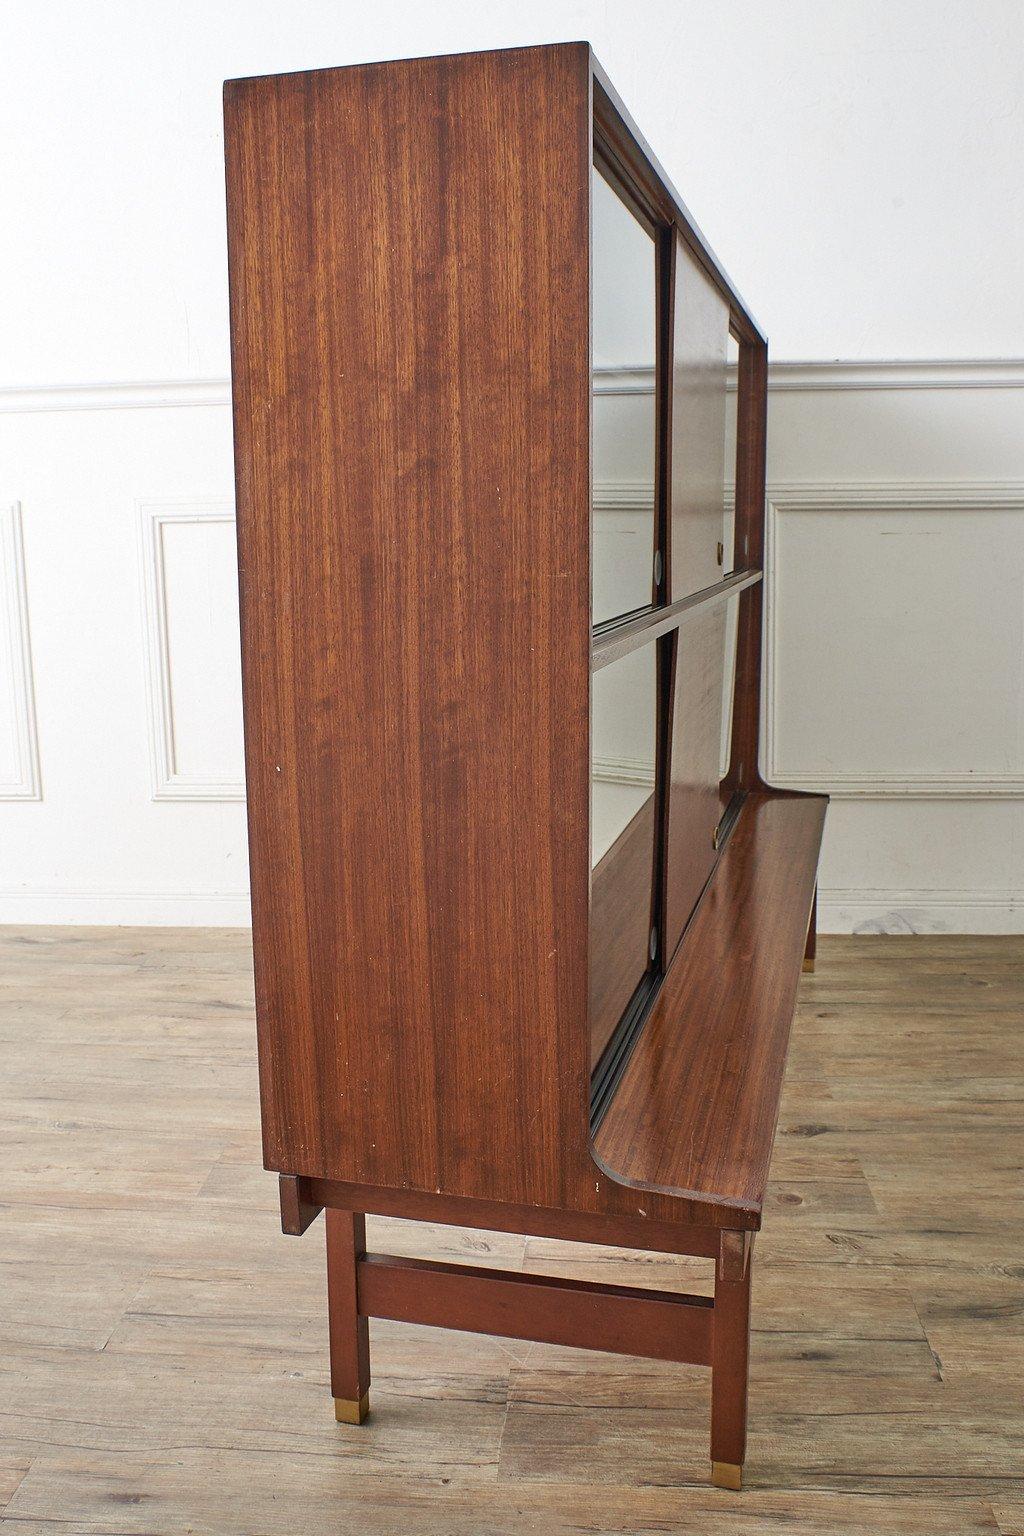 #35408 トールブックケース Tall Bookcase (61) コンディション画像 - 36